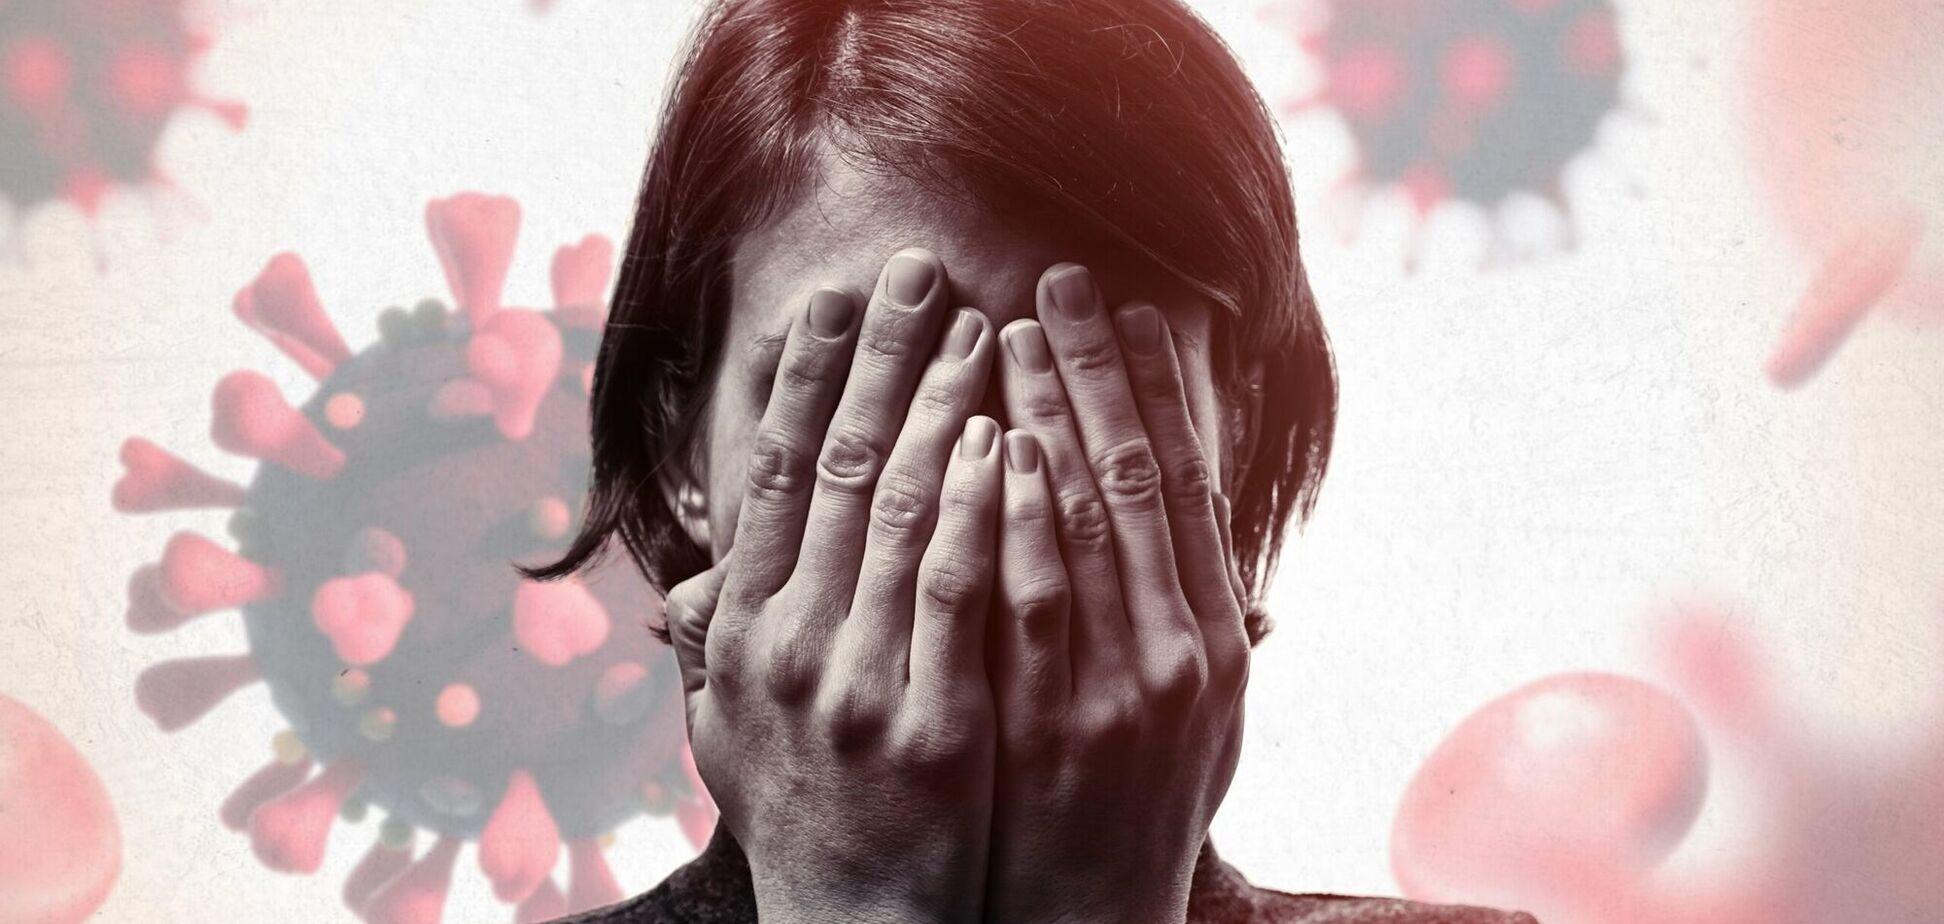 Депрессия в период COVID-19: кто наиболее уязвим